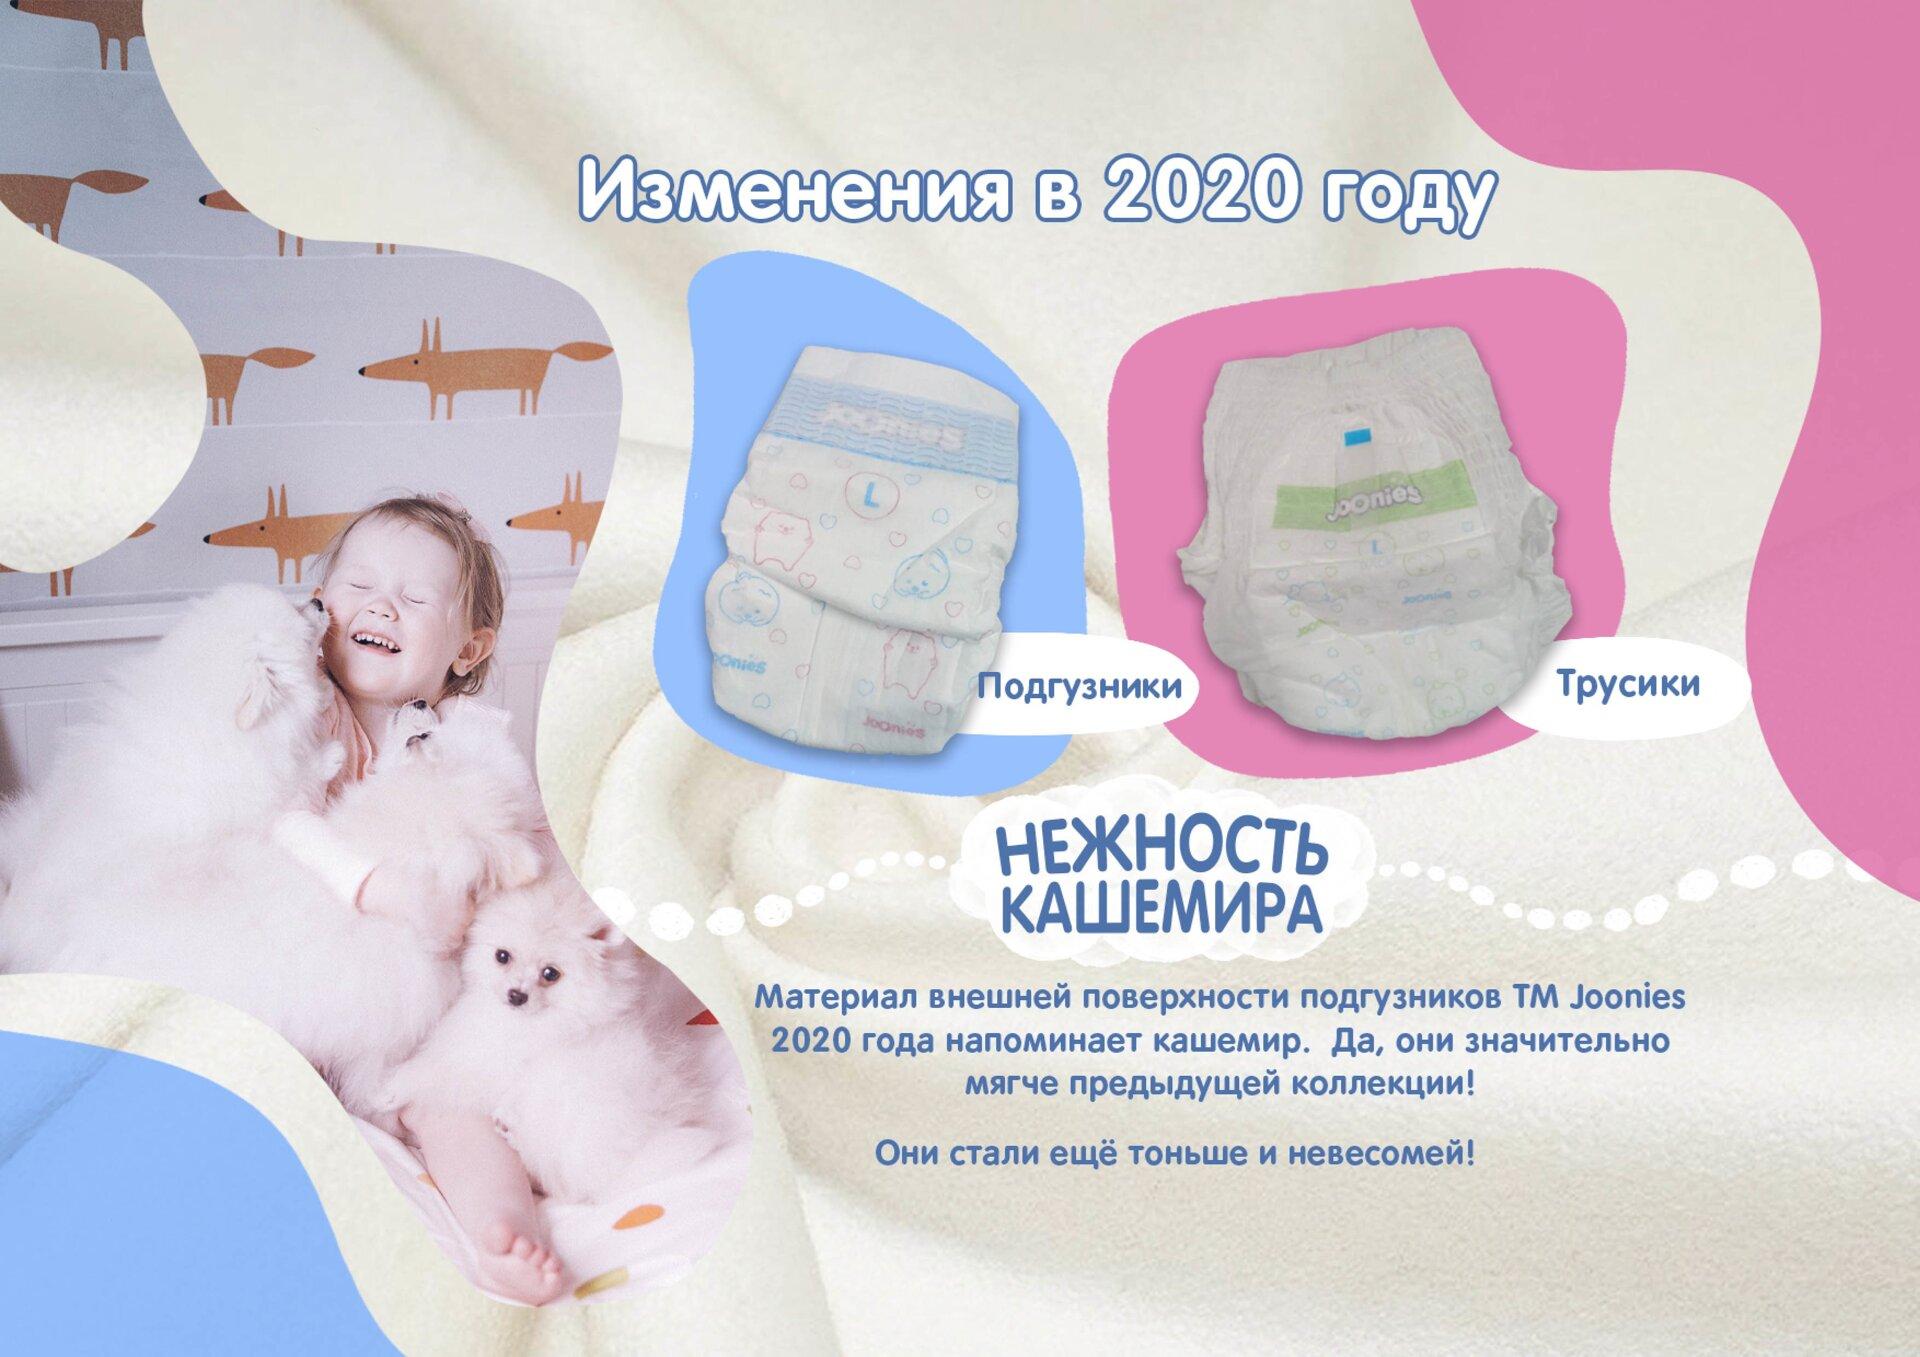 pic_3b674bca5f84843bb8b143a146c509ee_1920x9000_1.jpg